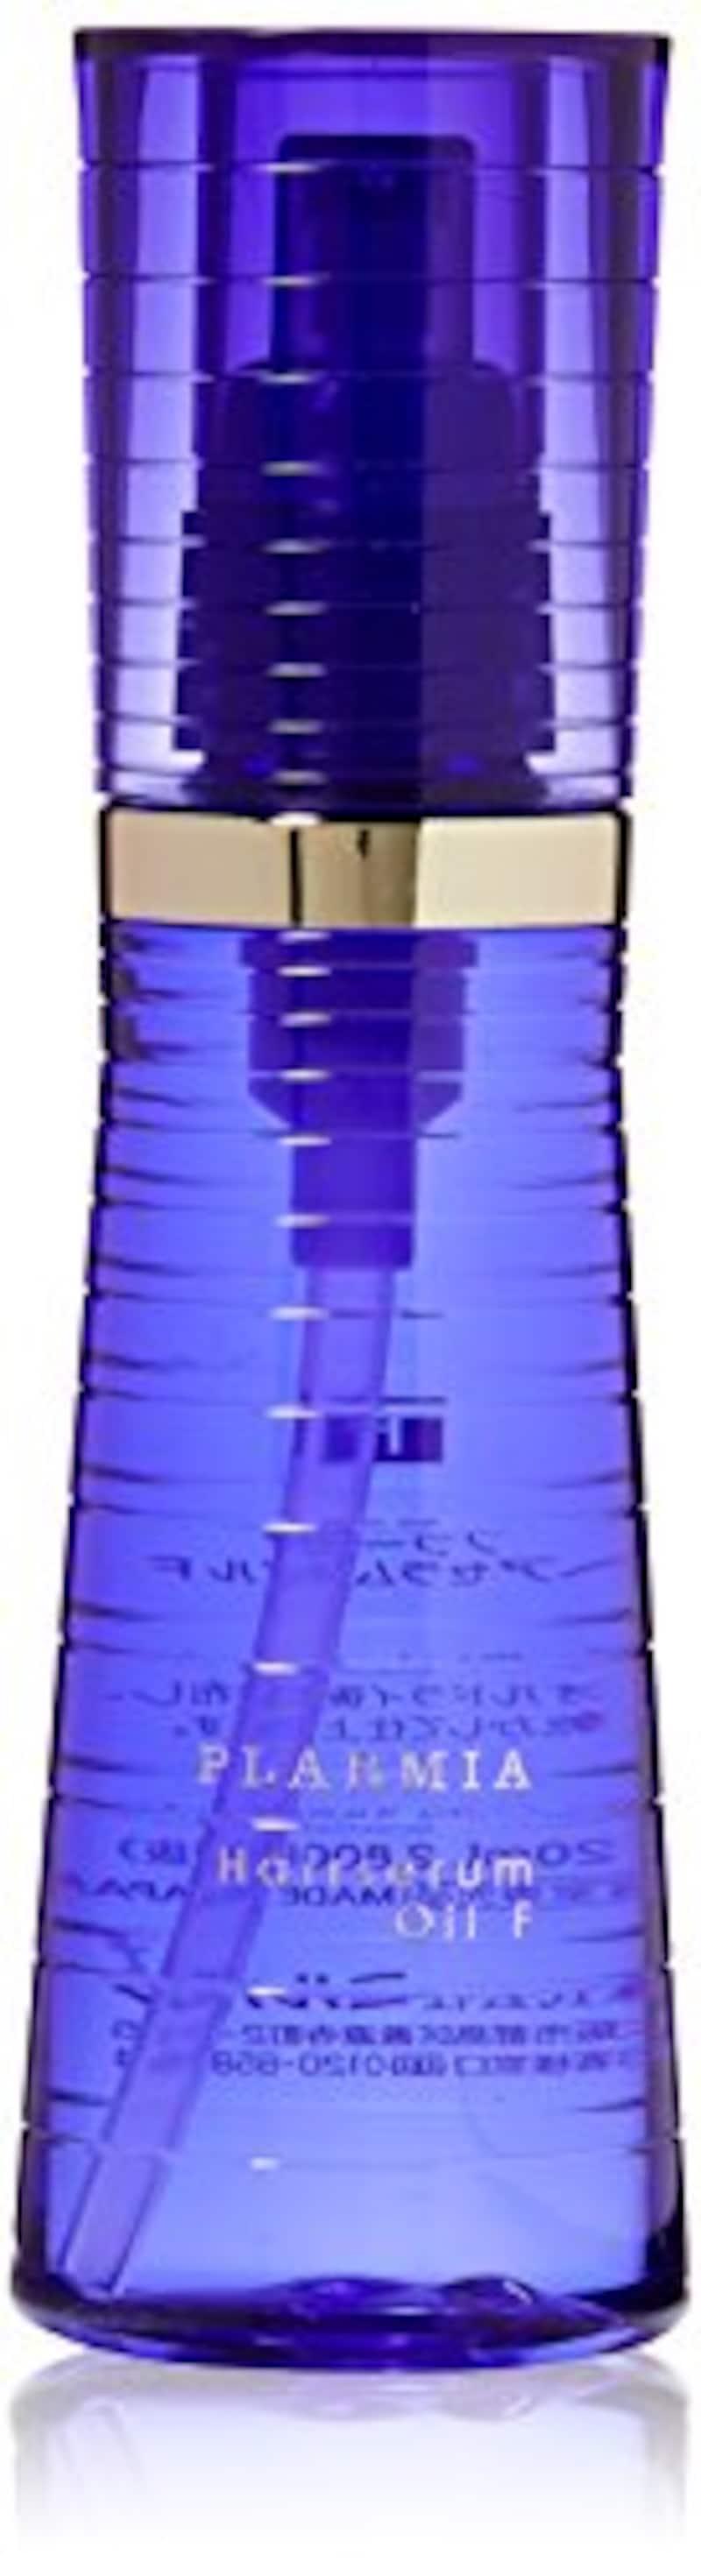 ミルボン(MILBON),プラーミア ヘアセラムオイルF